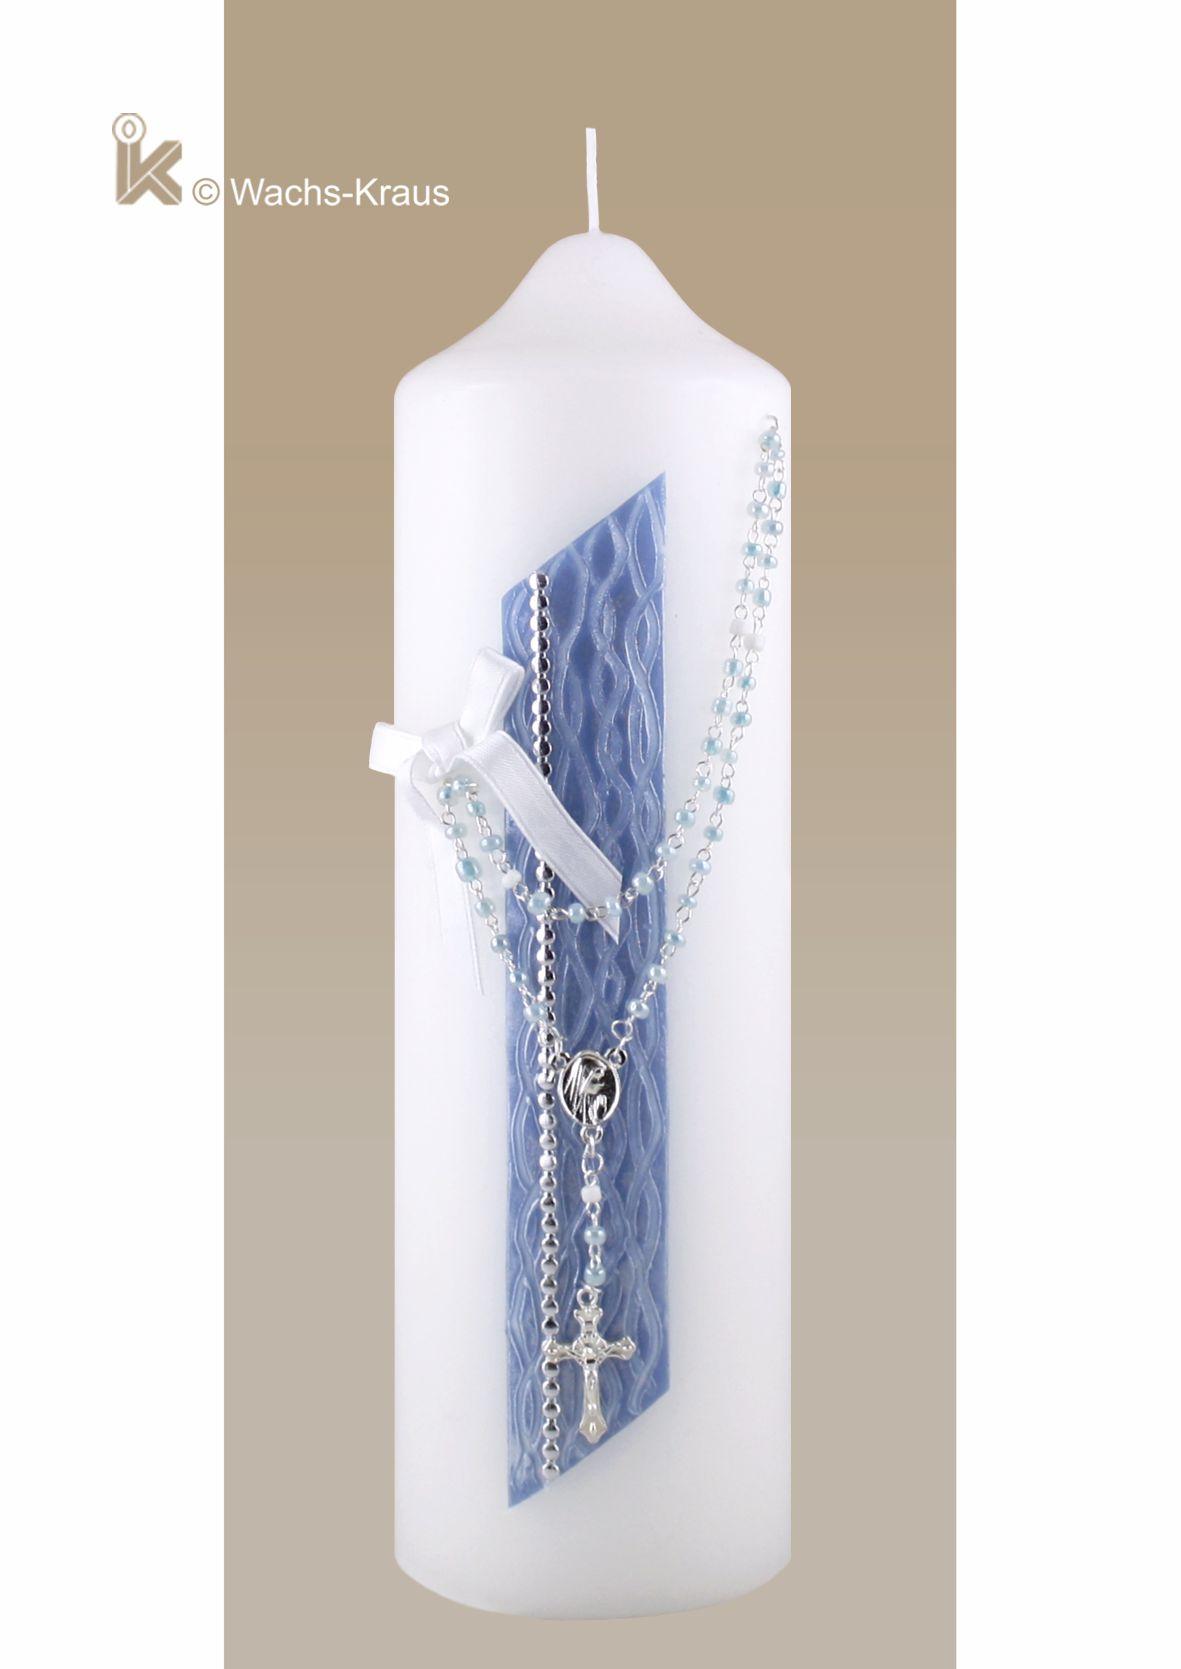 Patenkerze passend zur Taufkerze perlmutt-blaue Strukturwachsplatte mit echtem Rosenkranz.